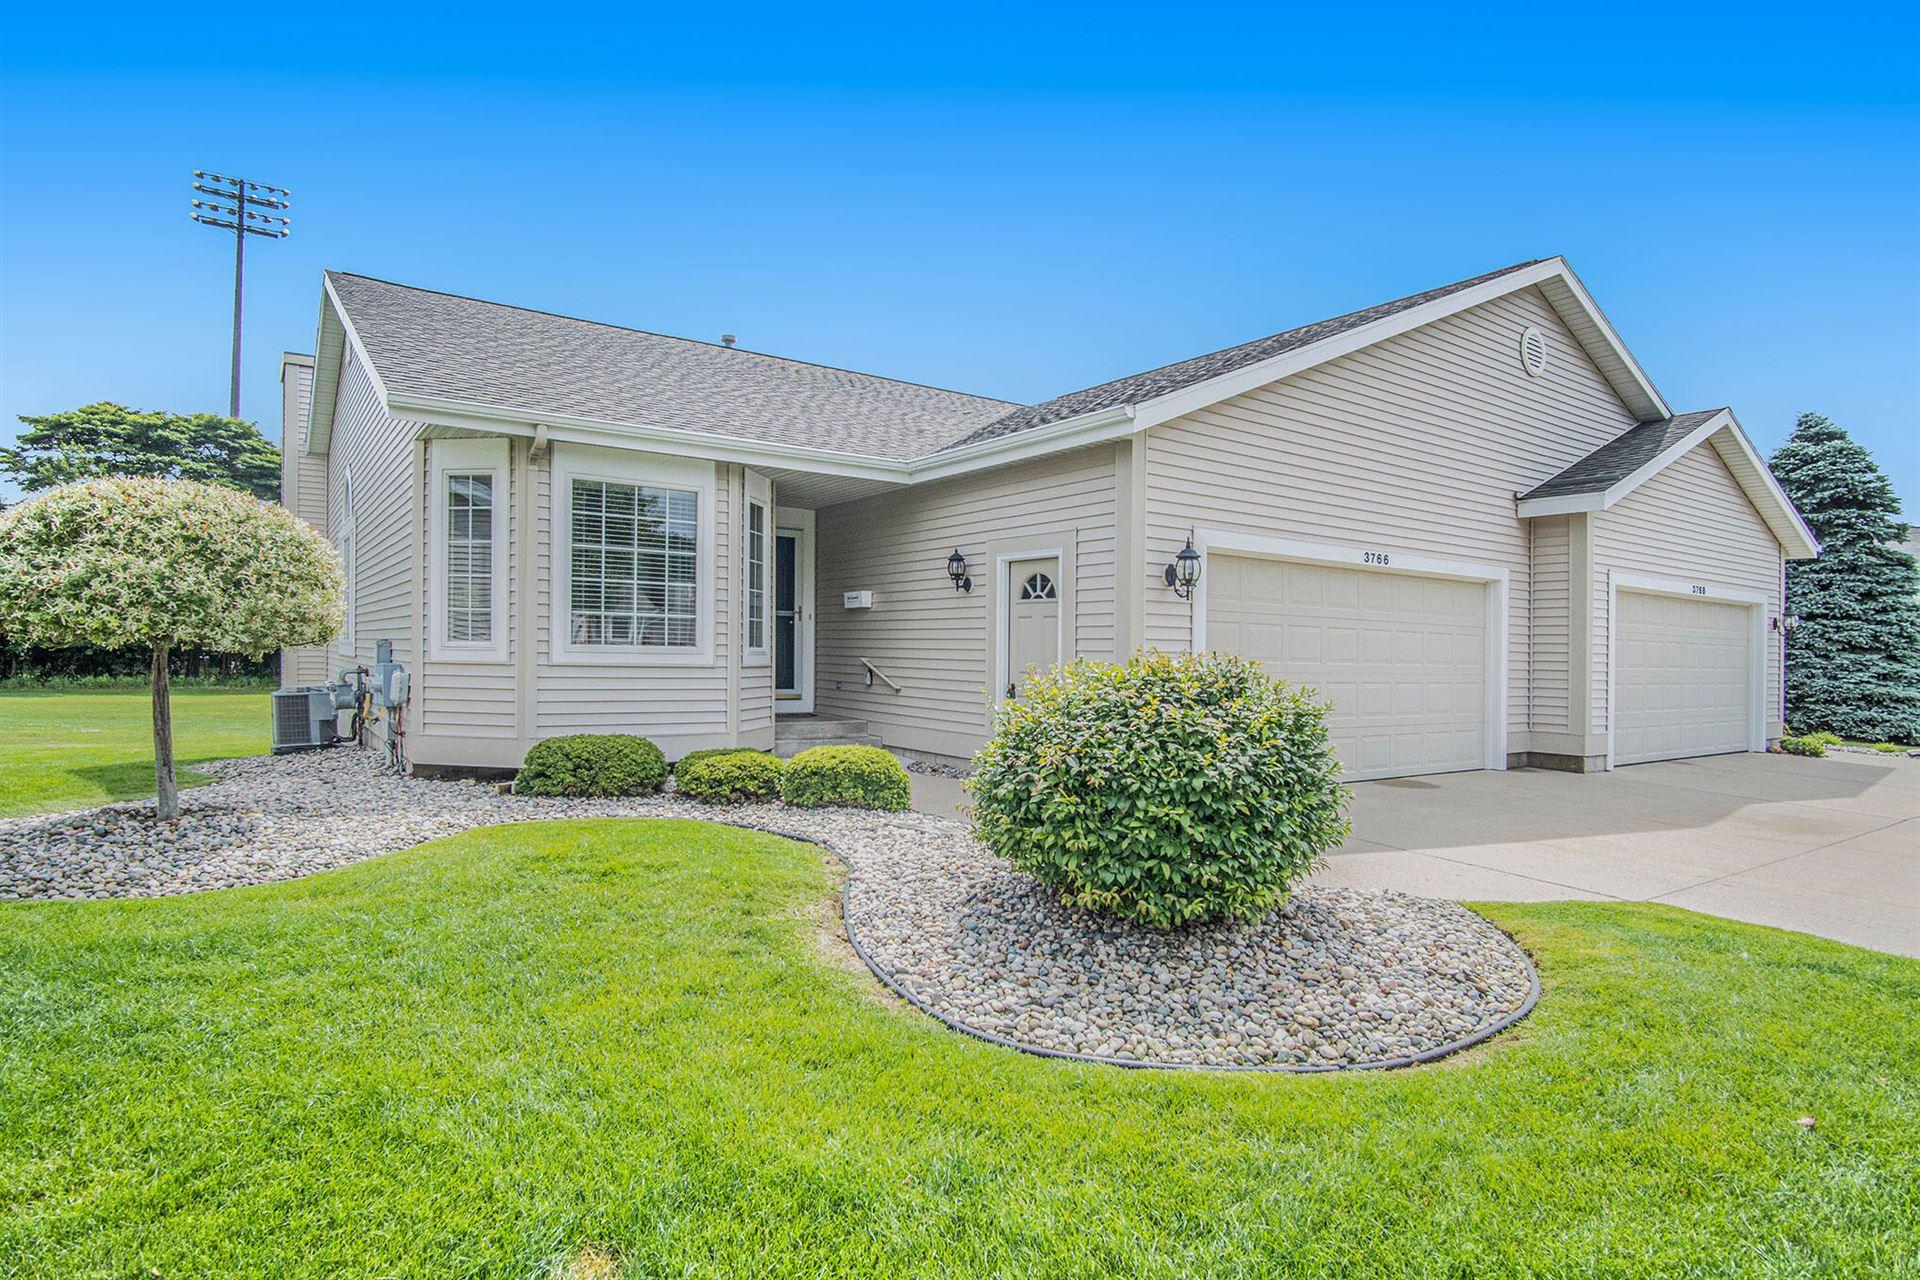 3766 Fairway Drive, Norton Shores, MI 49441 - MLS#: 21027508